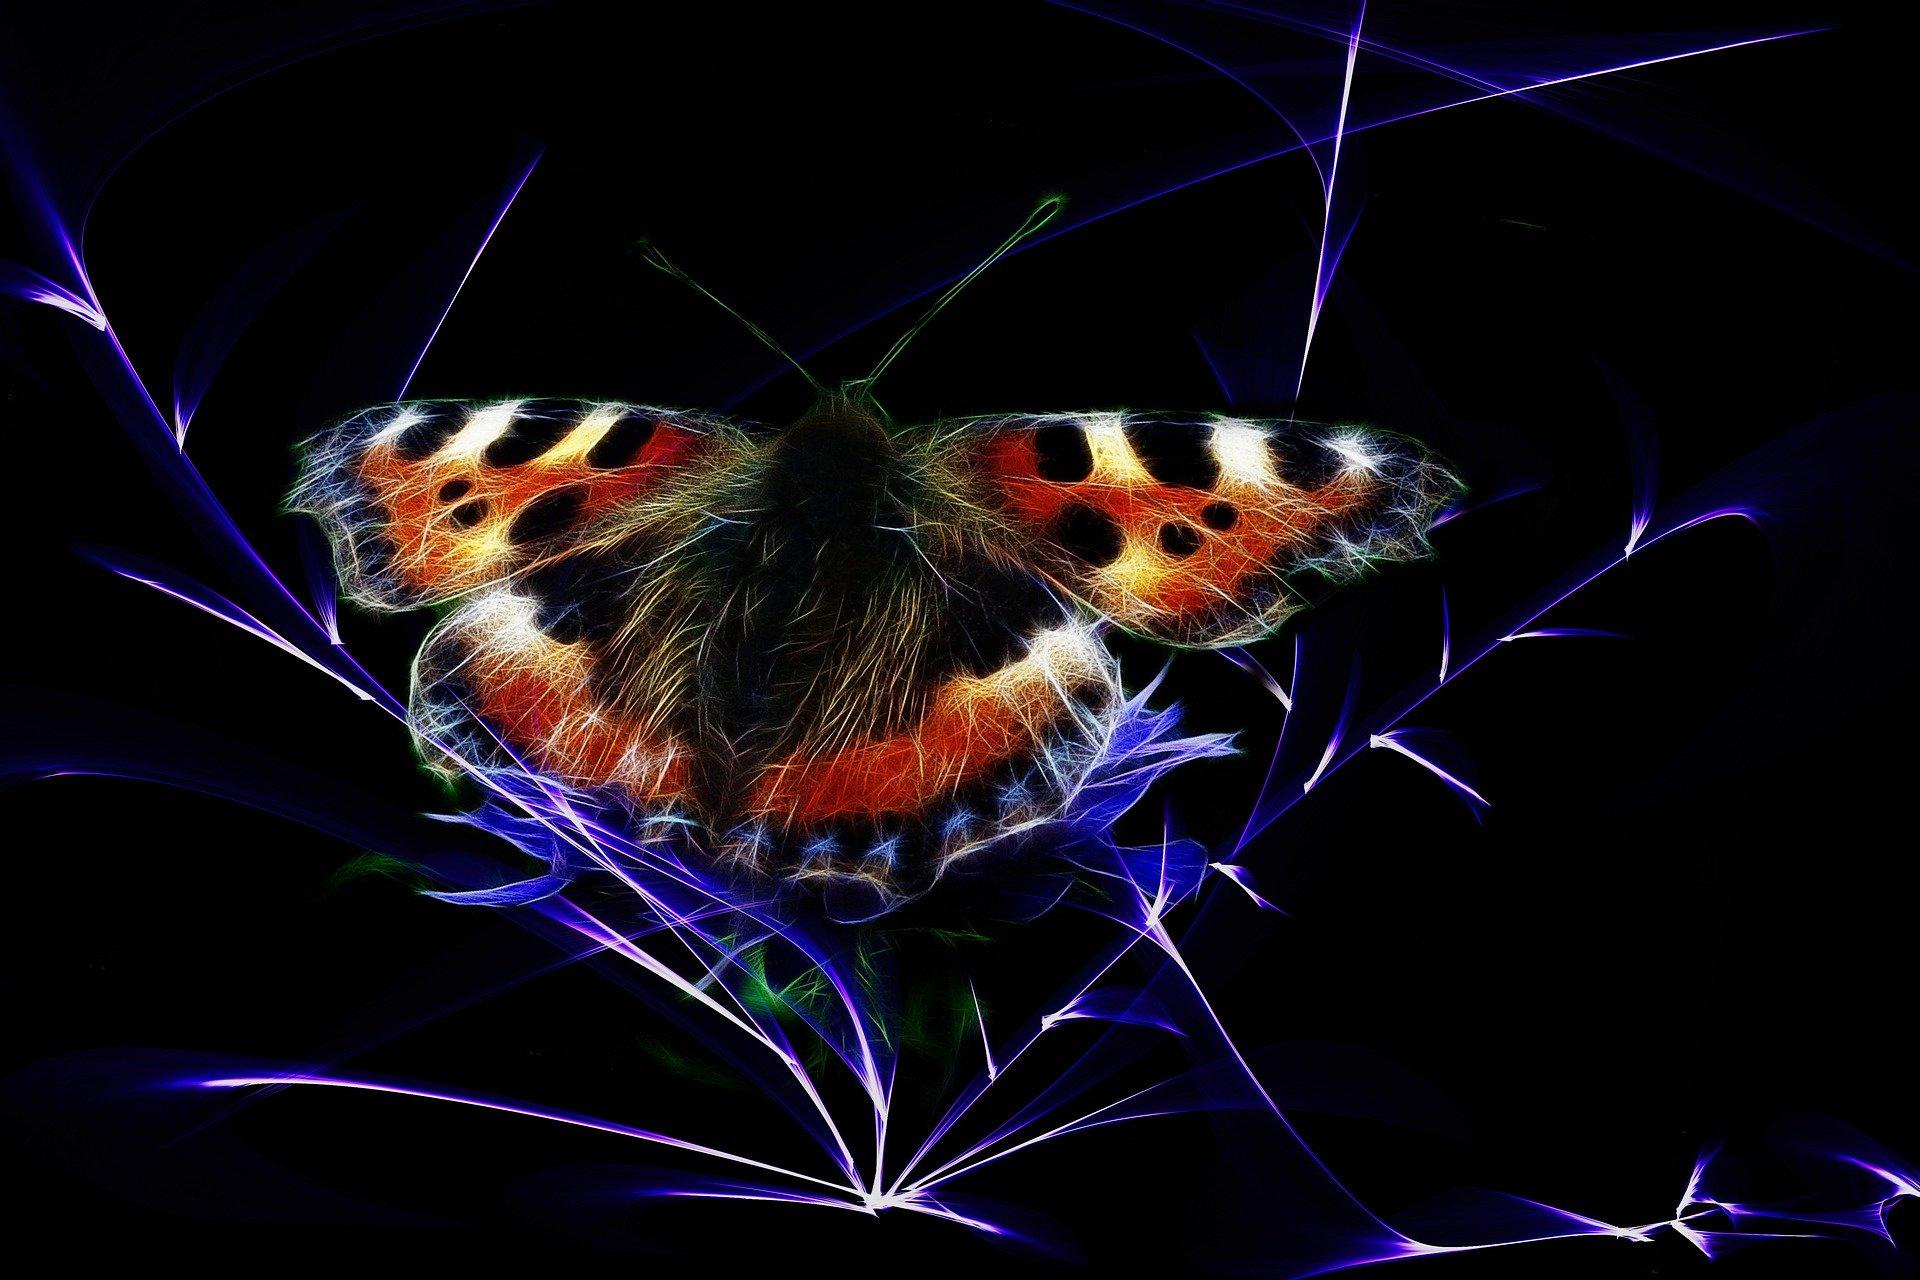 una farfalla colorata su sfondo nero